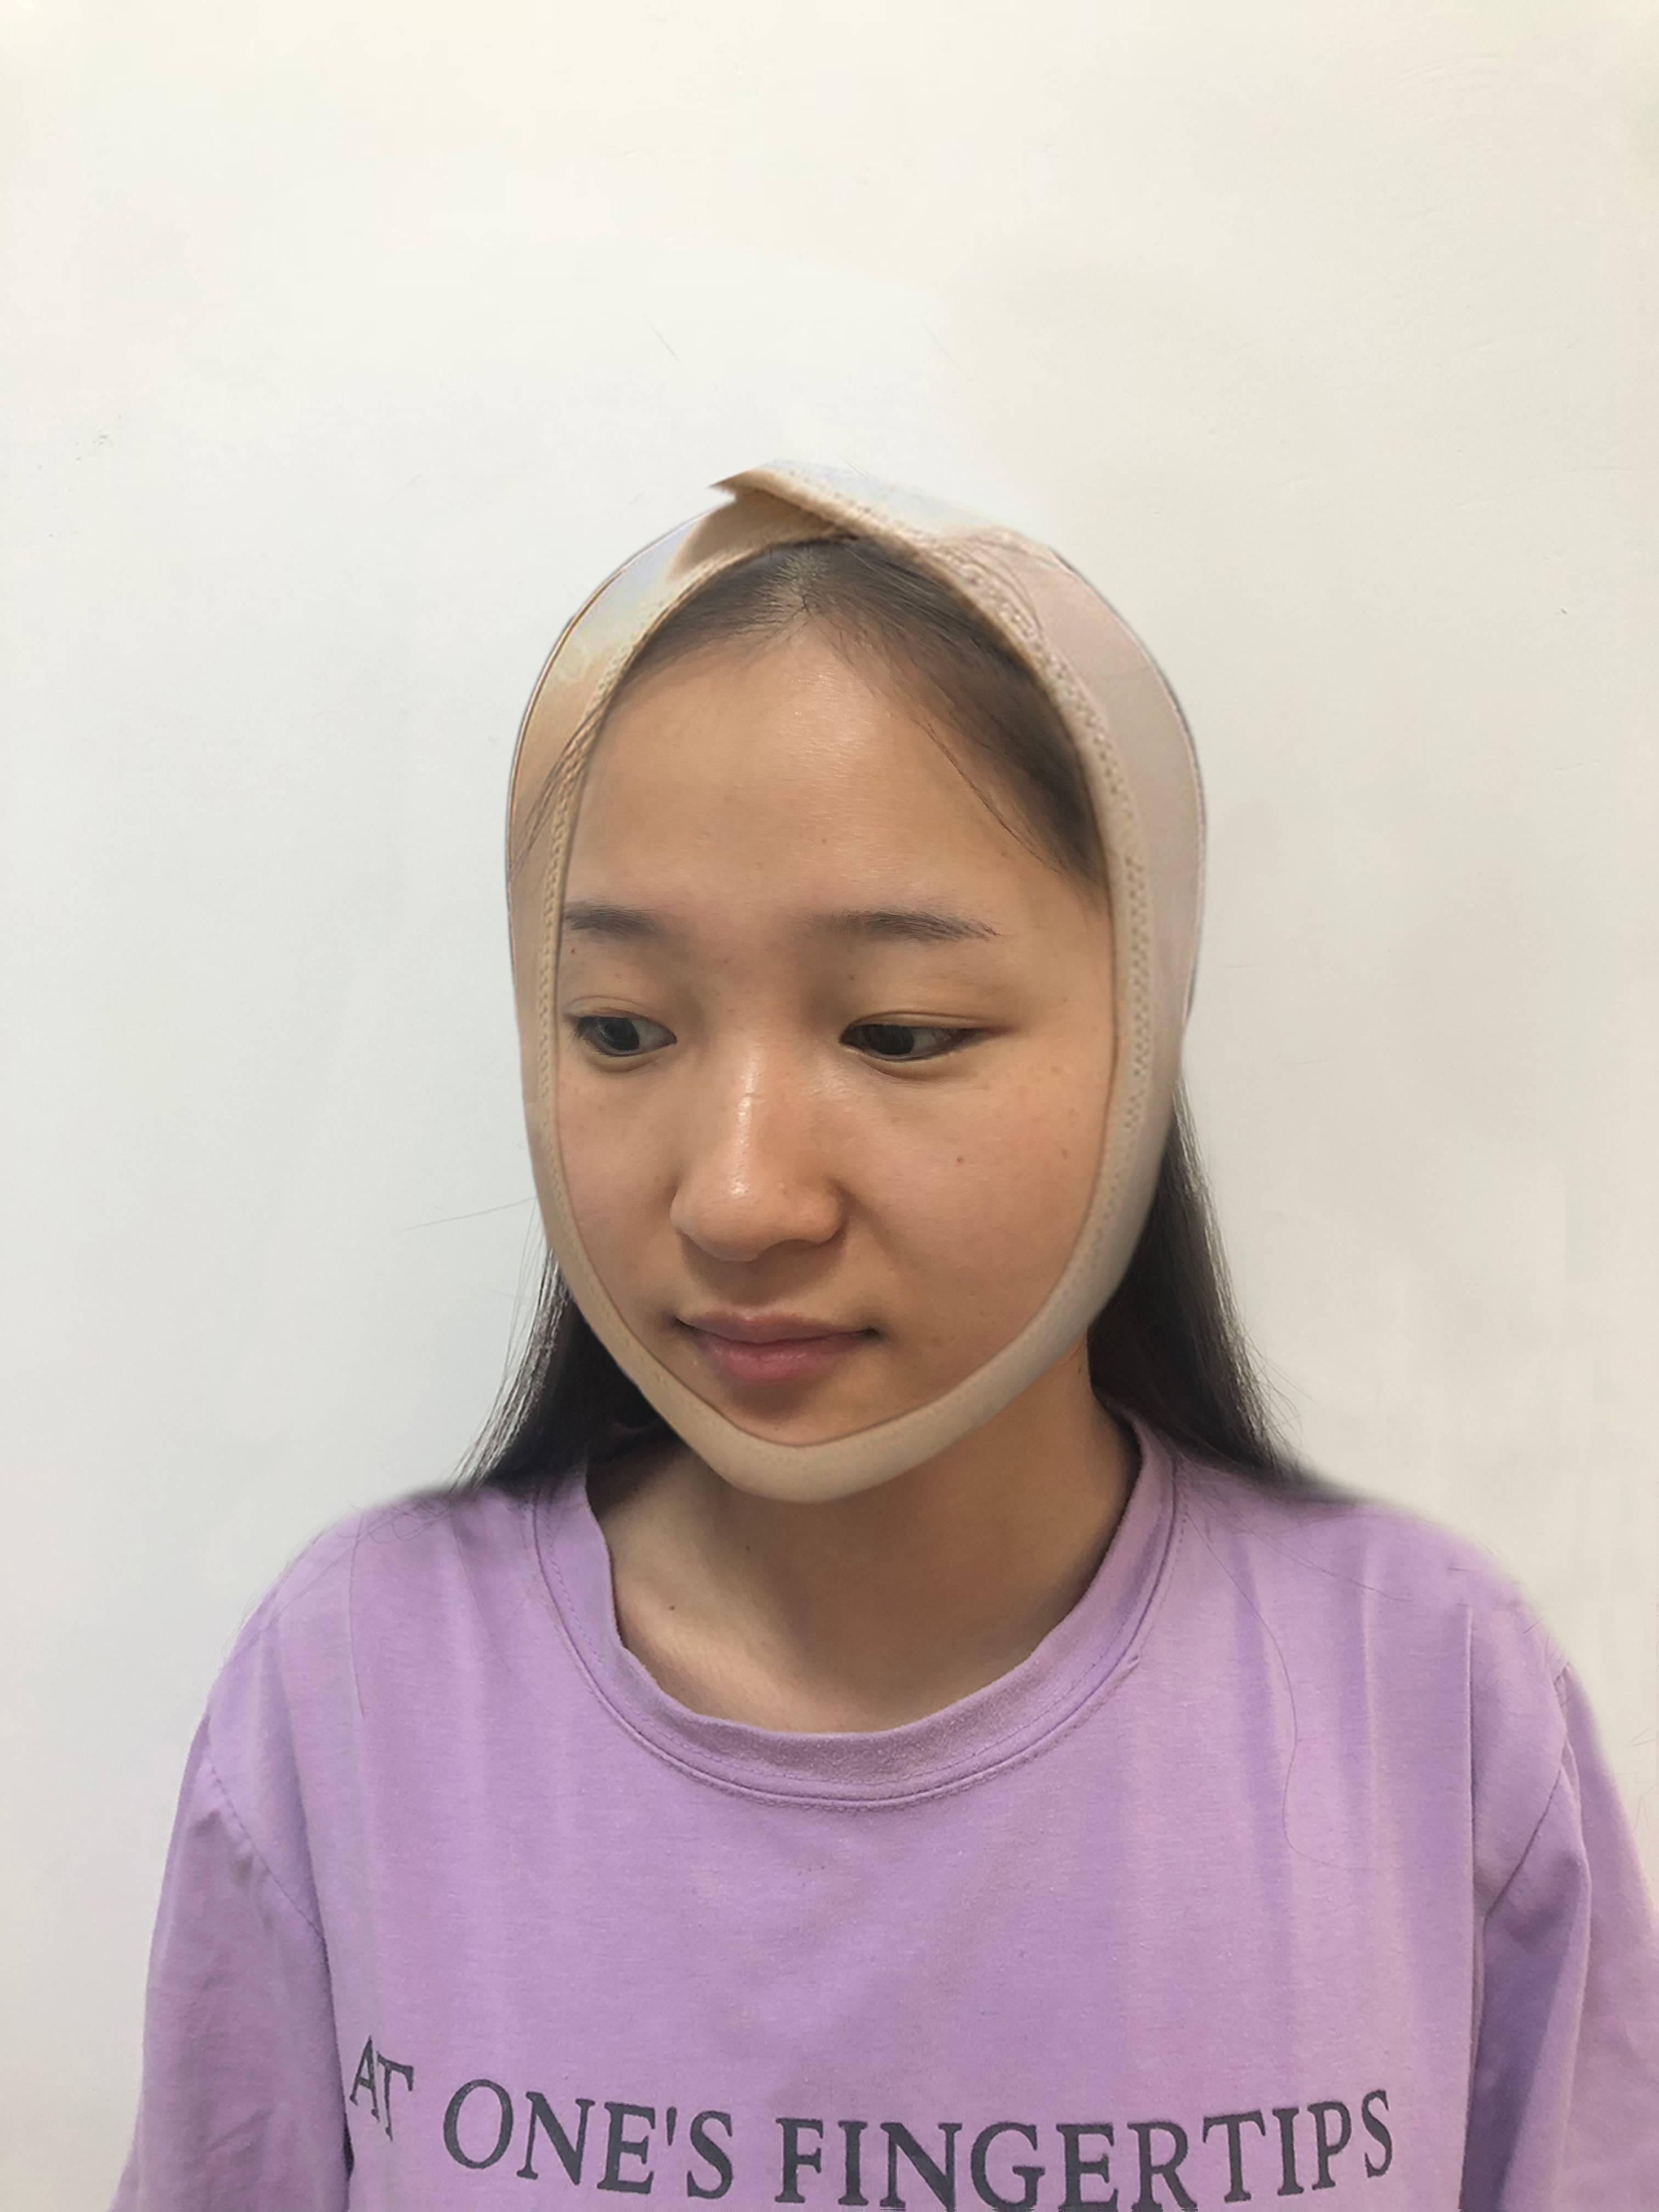 拆完线脸上都是前几天拆纱布的印子,忽然觉得脸上变凉快了,好像重生的感觉,轻轻碰也不疼,拆完头套就会带上头套要塑形,起到更好地固定作用